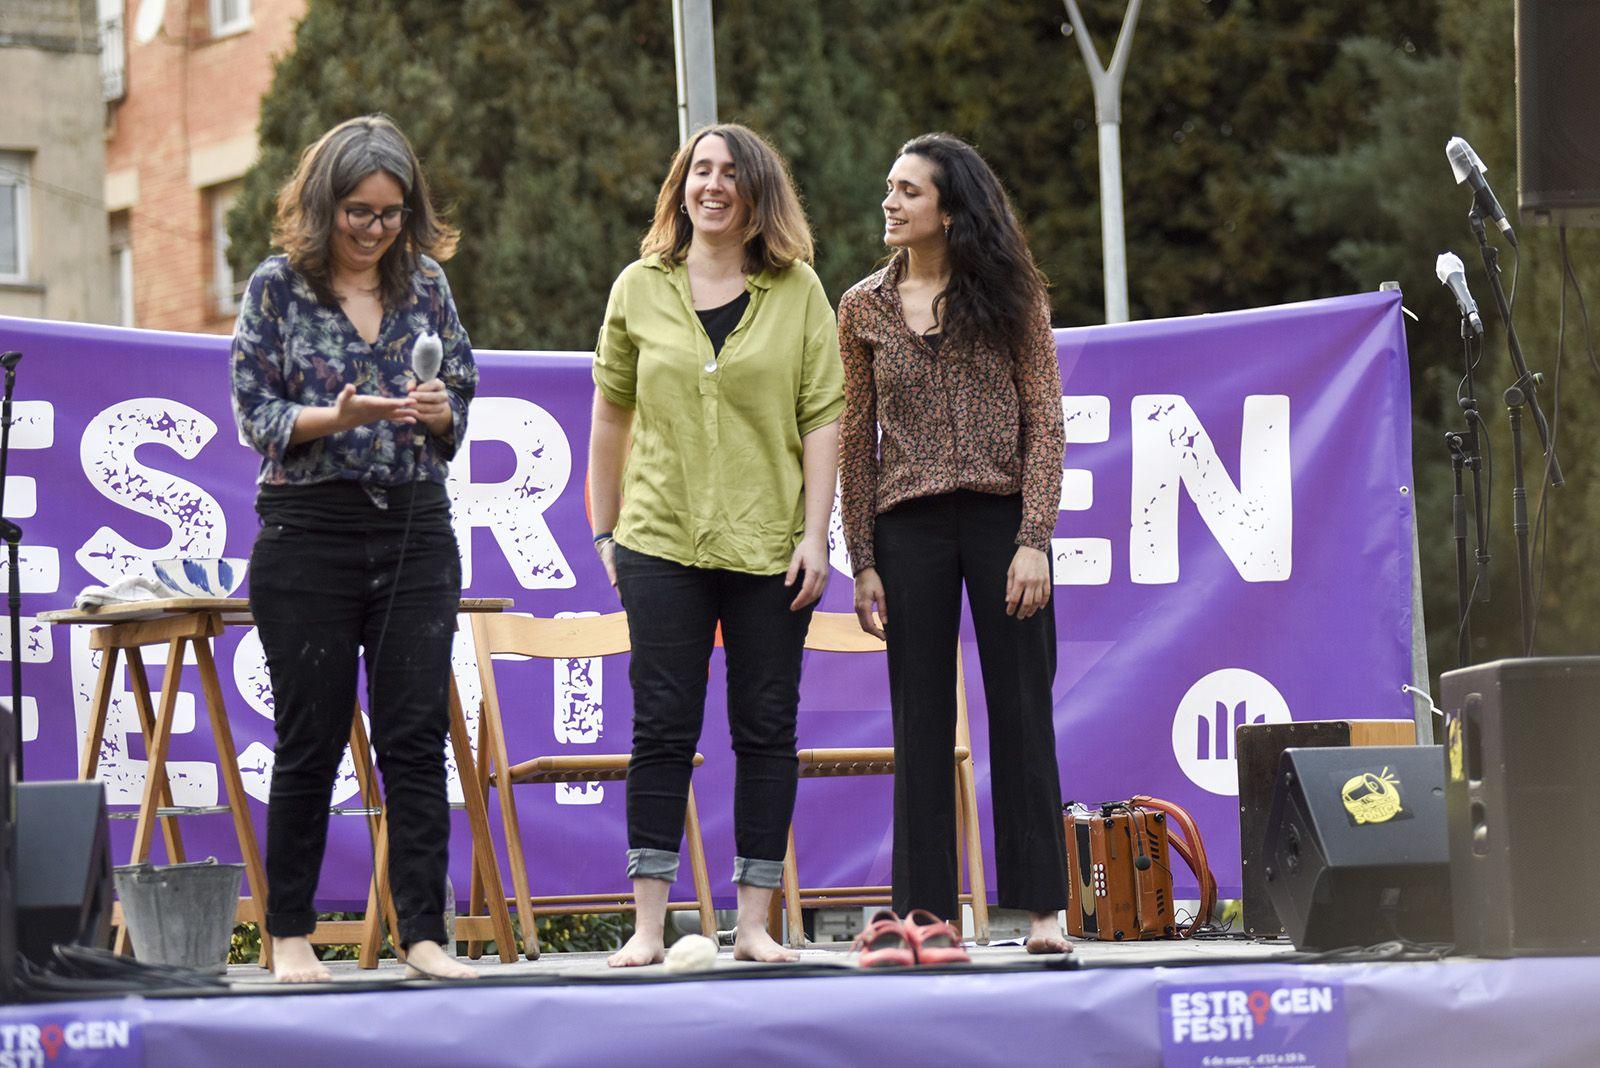 Aleteig amb Aina Serra, Clara Hosta i Lali Mateu. Estrogenfest. Foto: Bernat Millet.